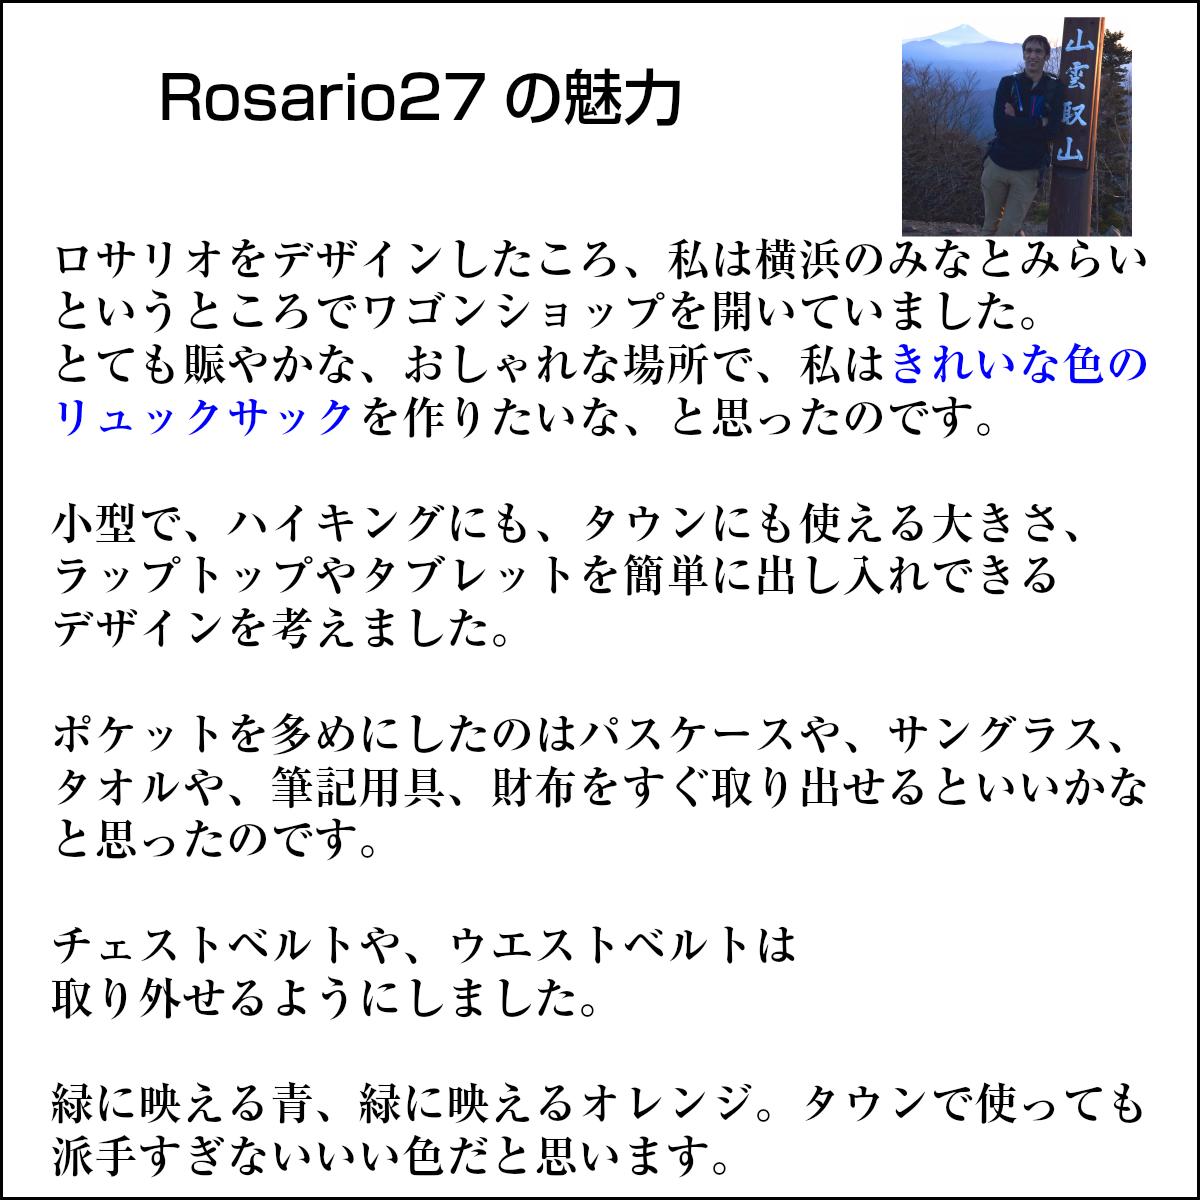 【セット】【色を選べる2個セット】小型リュック デイバッグ リュックサック ショッピングバッグ 機内持ち込み Rosario ロサリオ 27L Aconcagua アコンカグア